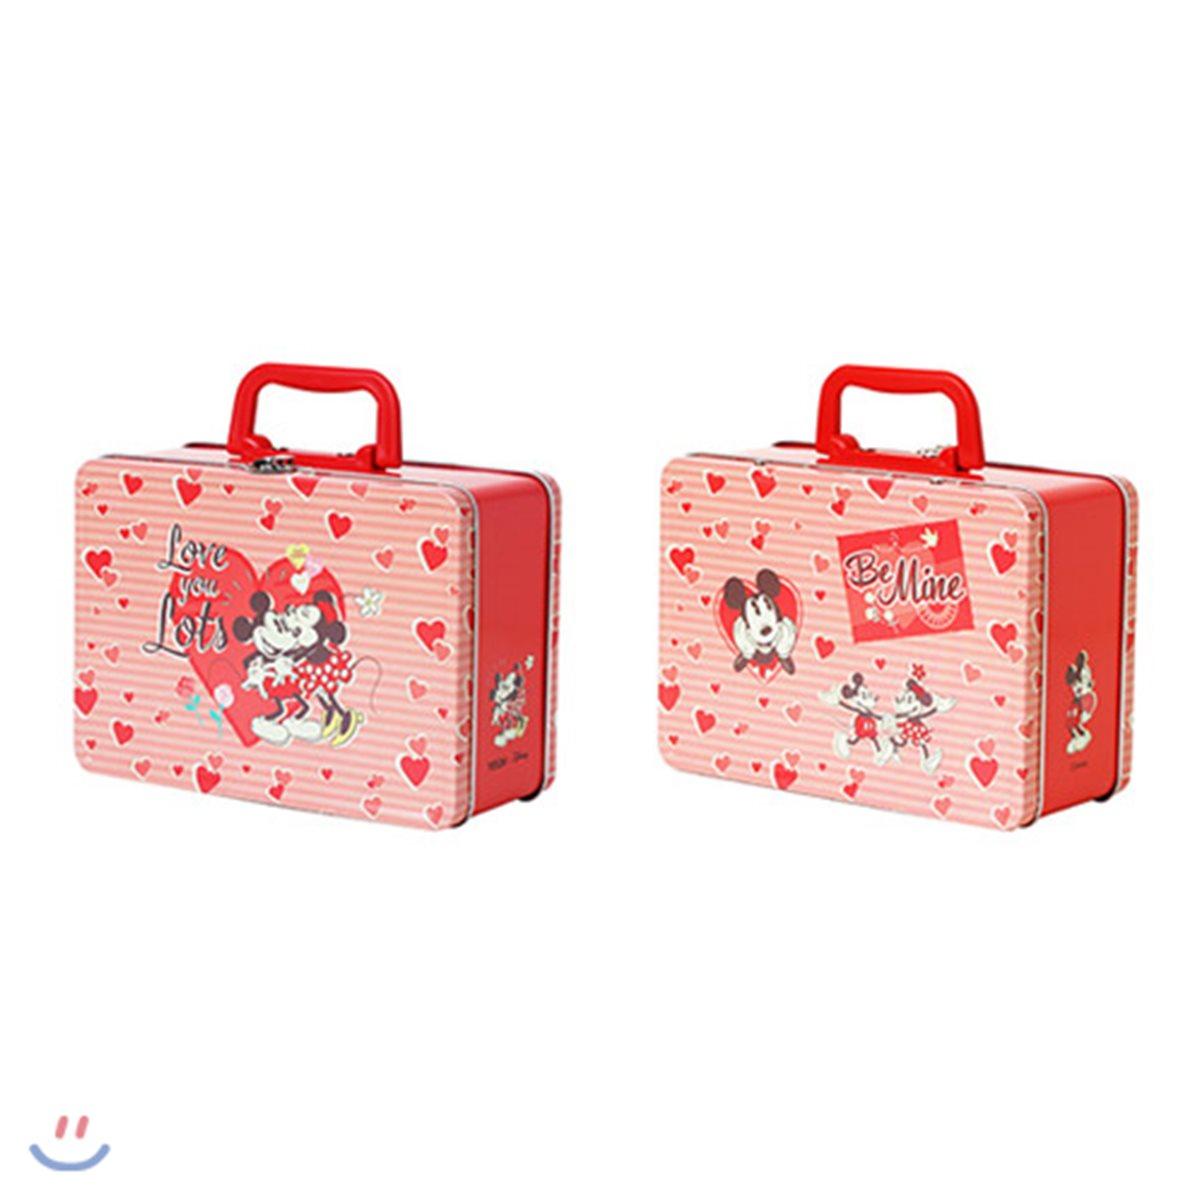 [예스베리굿즈][YES24 X 디즈니]미키&미니 틴케이스 가방